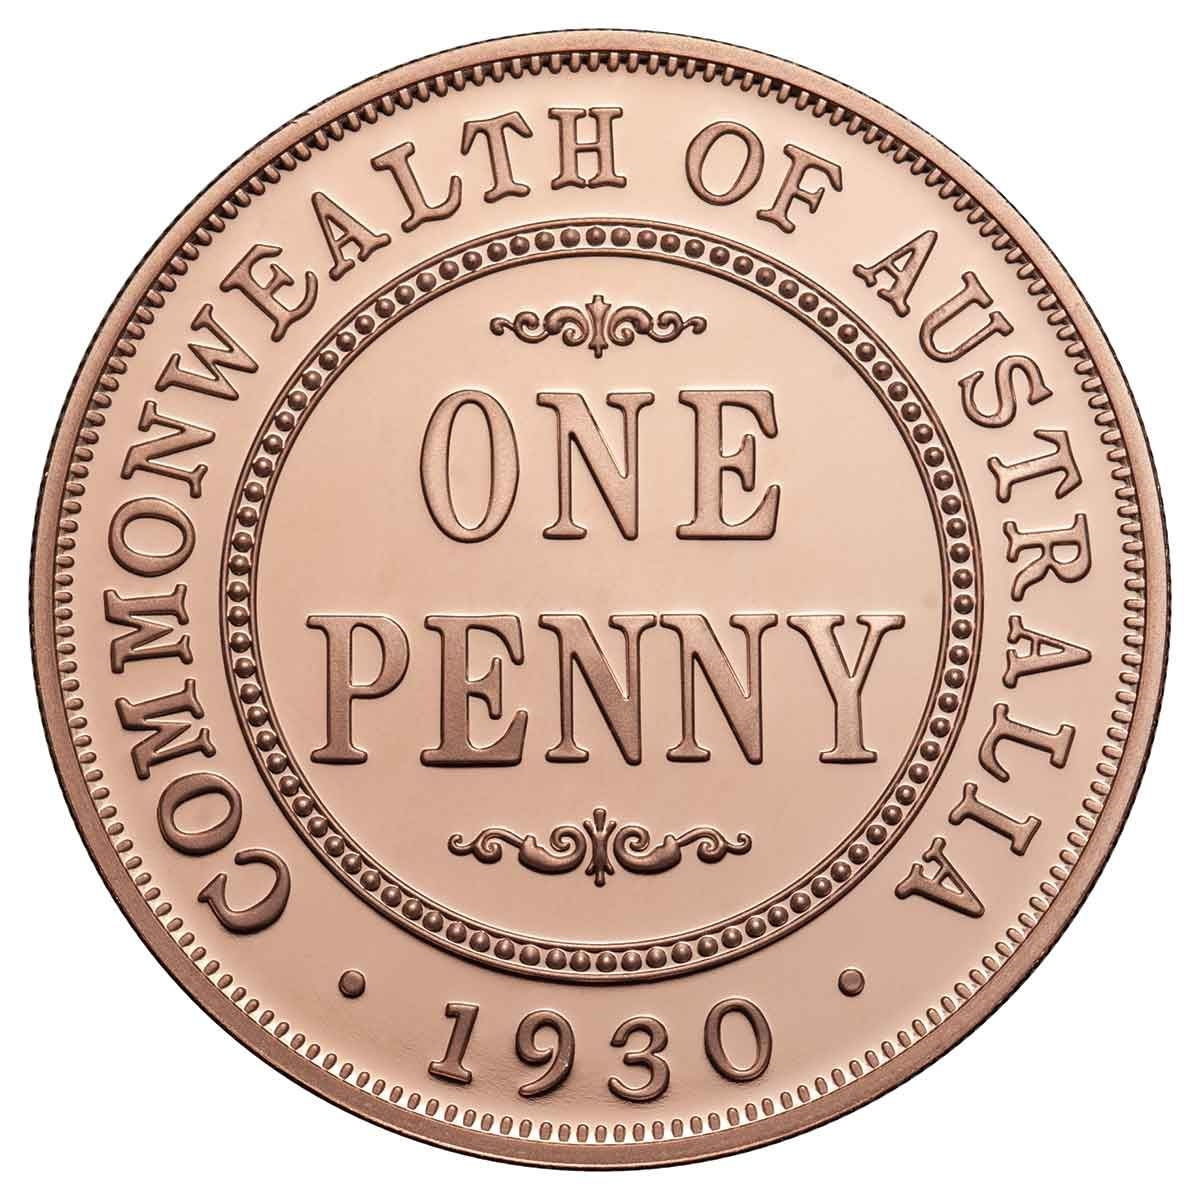 Австралия монета Один пенни 1930 год, реверс